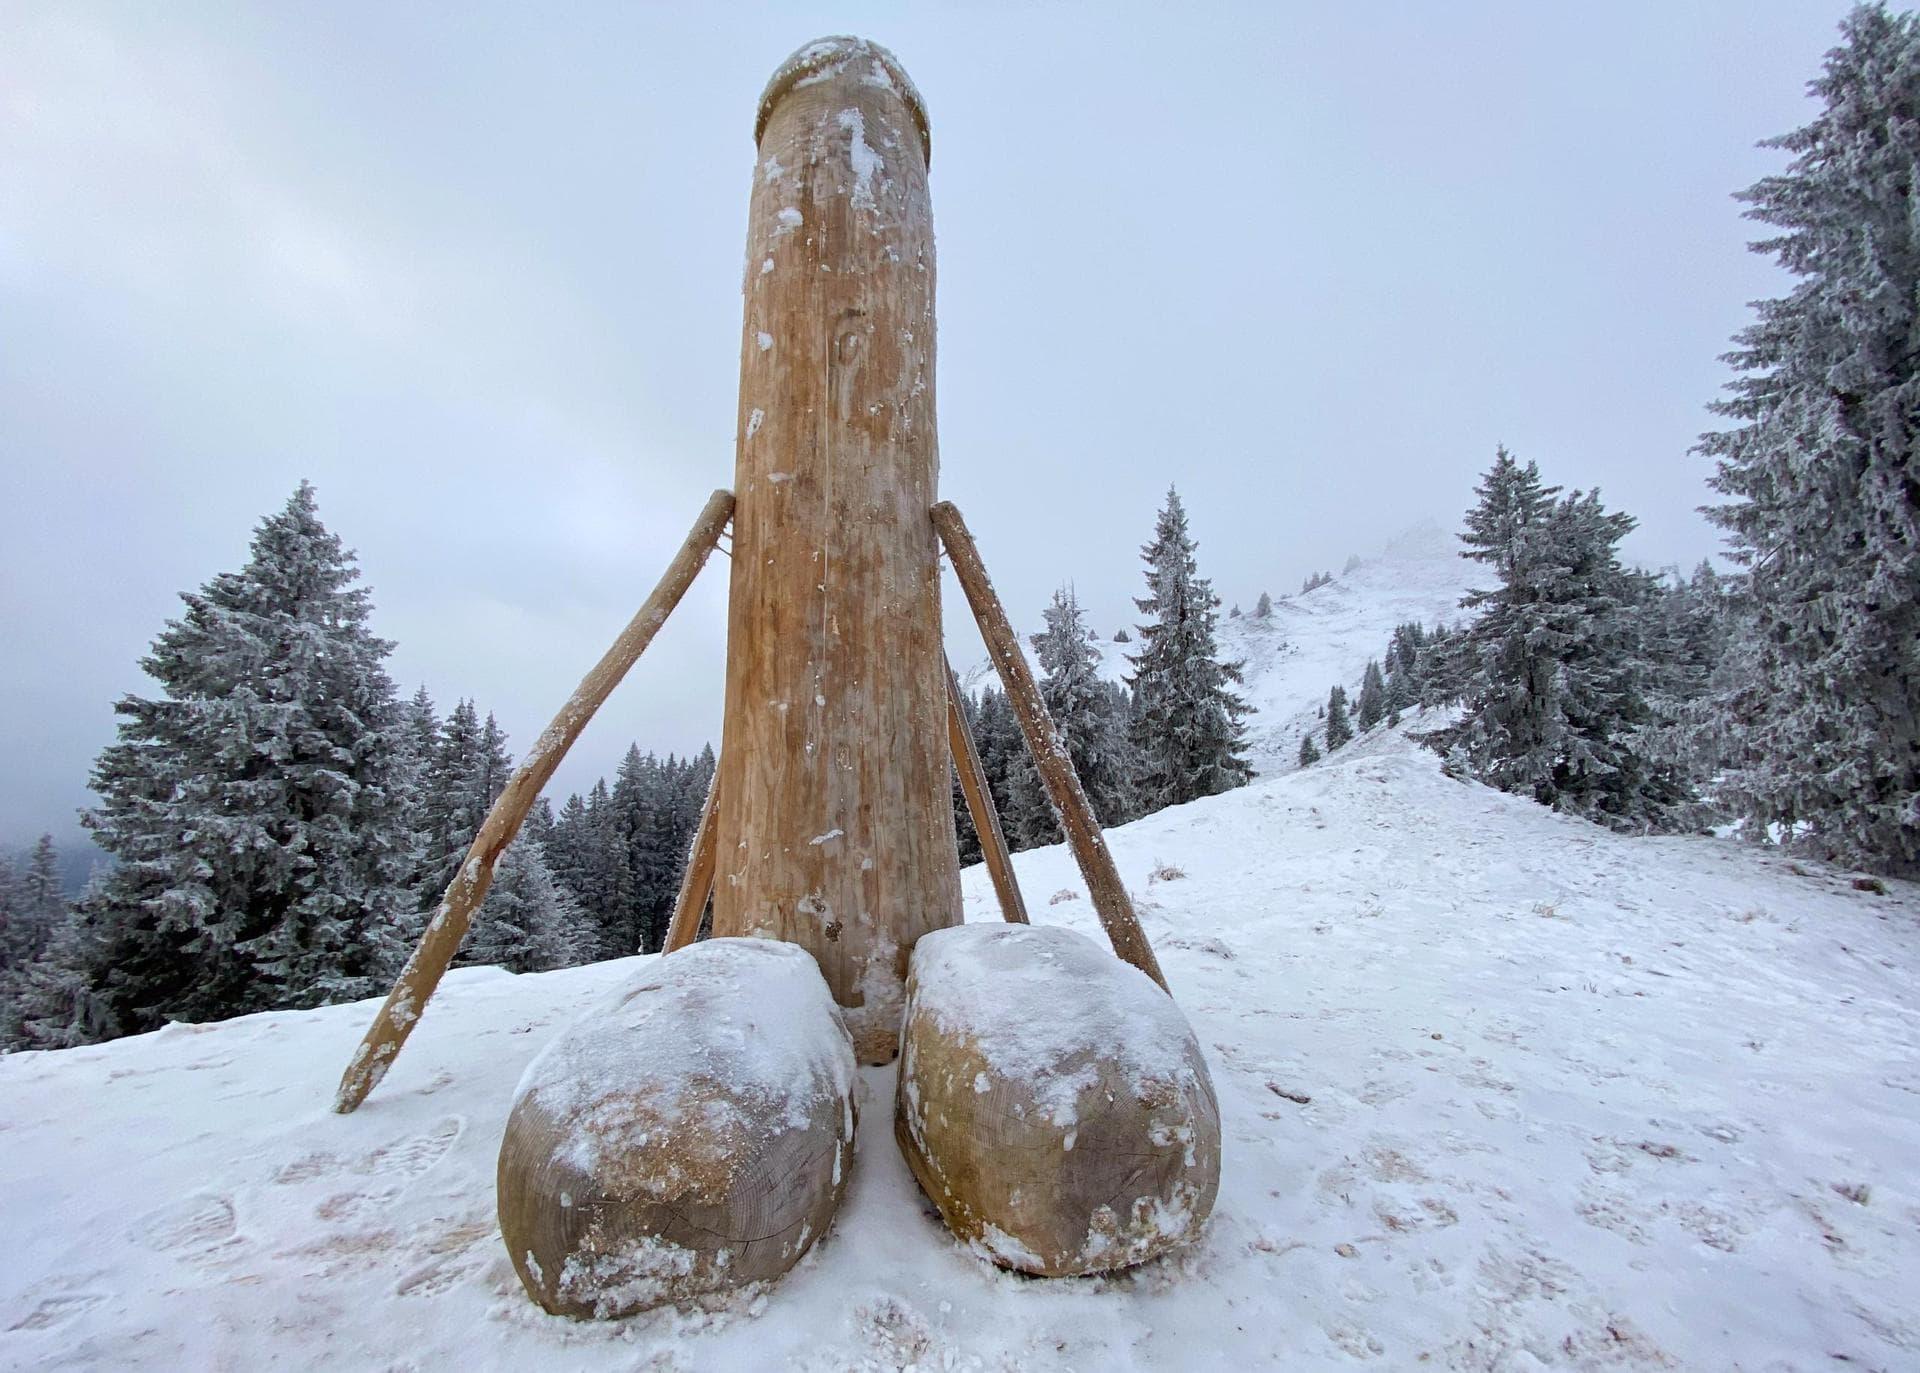 Neuer Holzpenis im Allgäu steht Nach dem mysteriösen Verschwinden